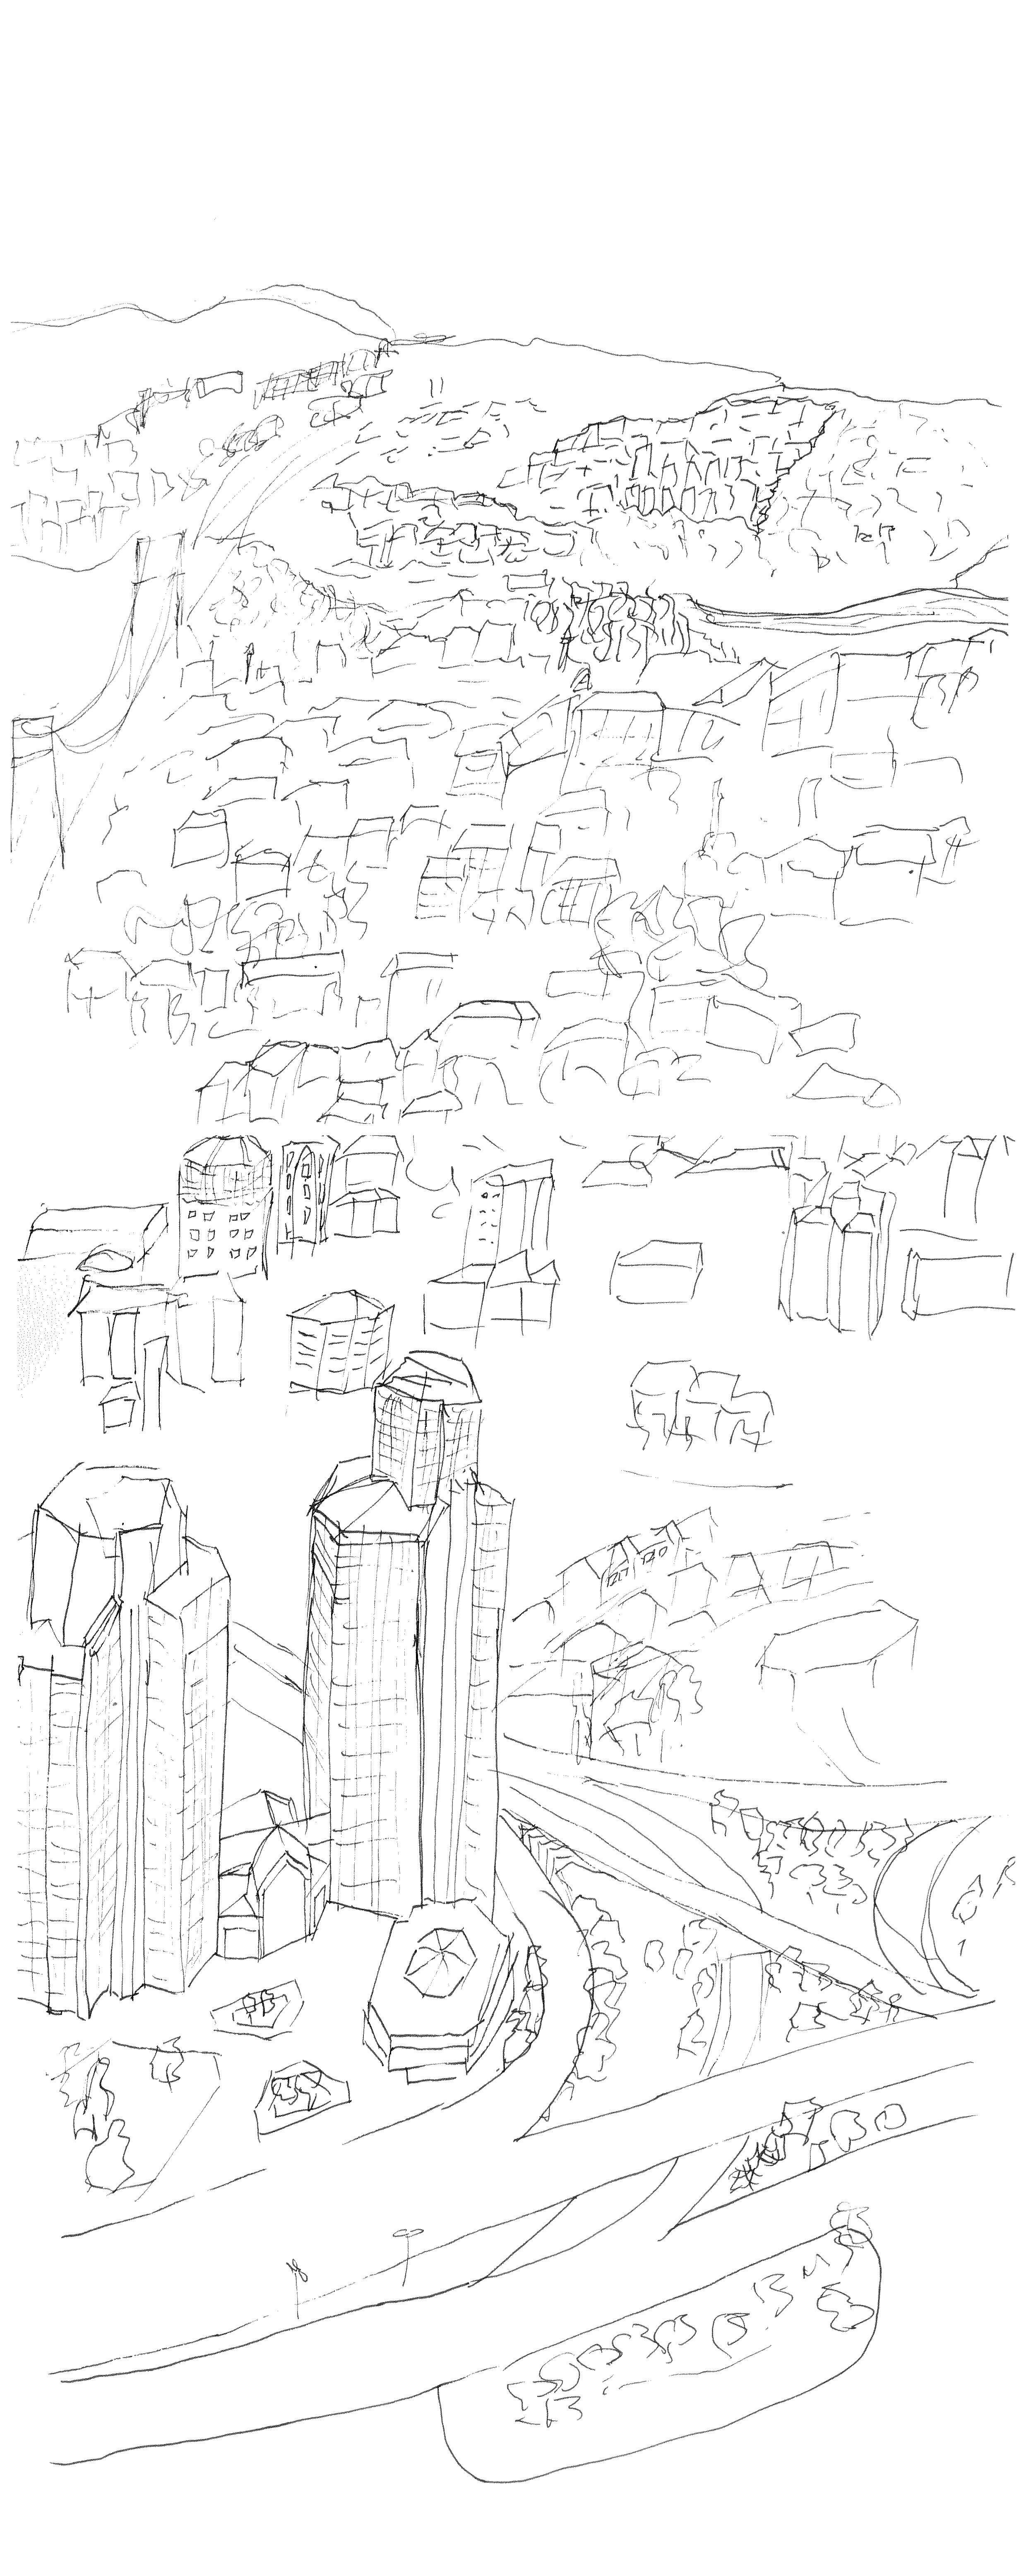 2479x6223 Panorama Drawing 12.11. Julia Tarsten States Of Istanbul